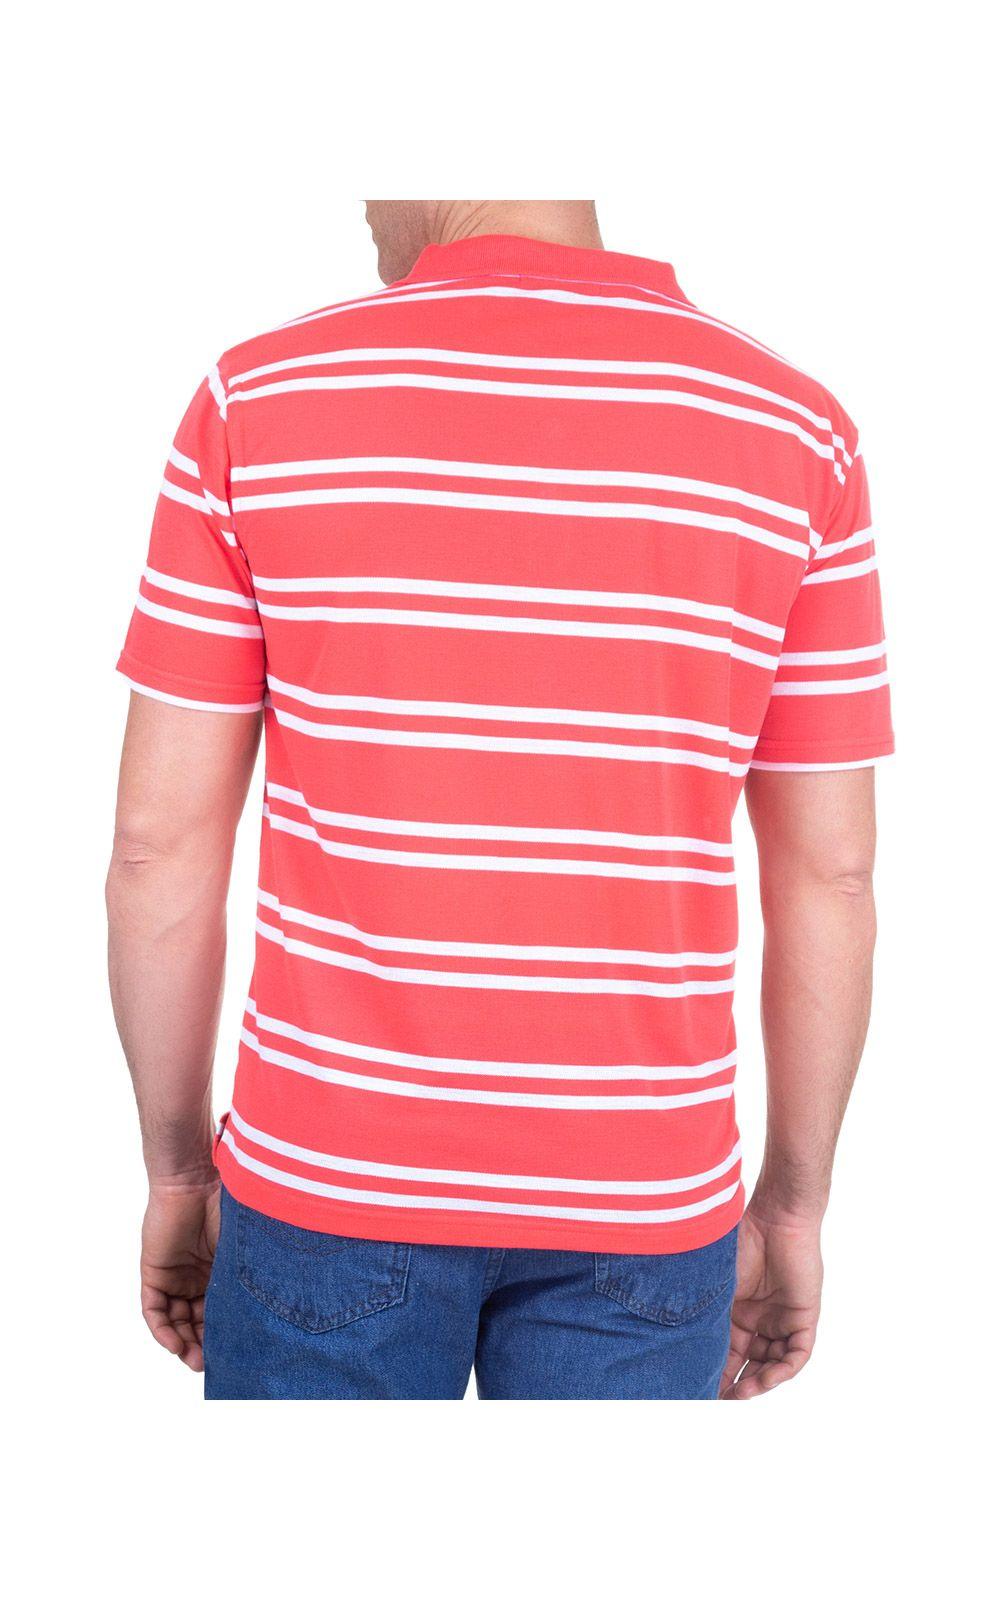 Foto 2 - Camisa Polo Masculina Vermelha Listrada